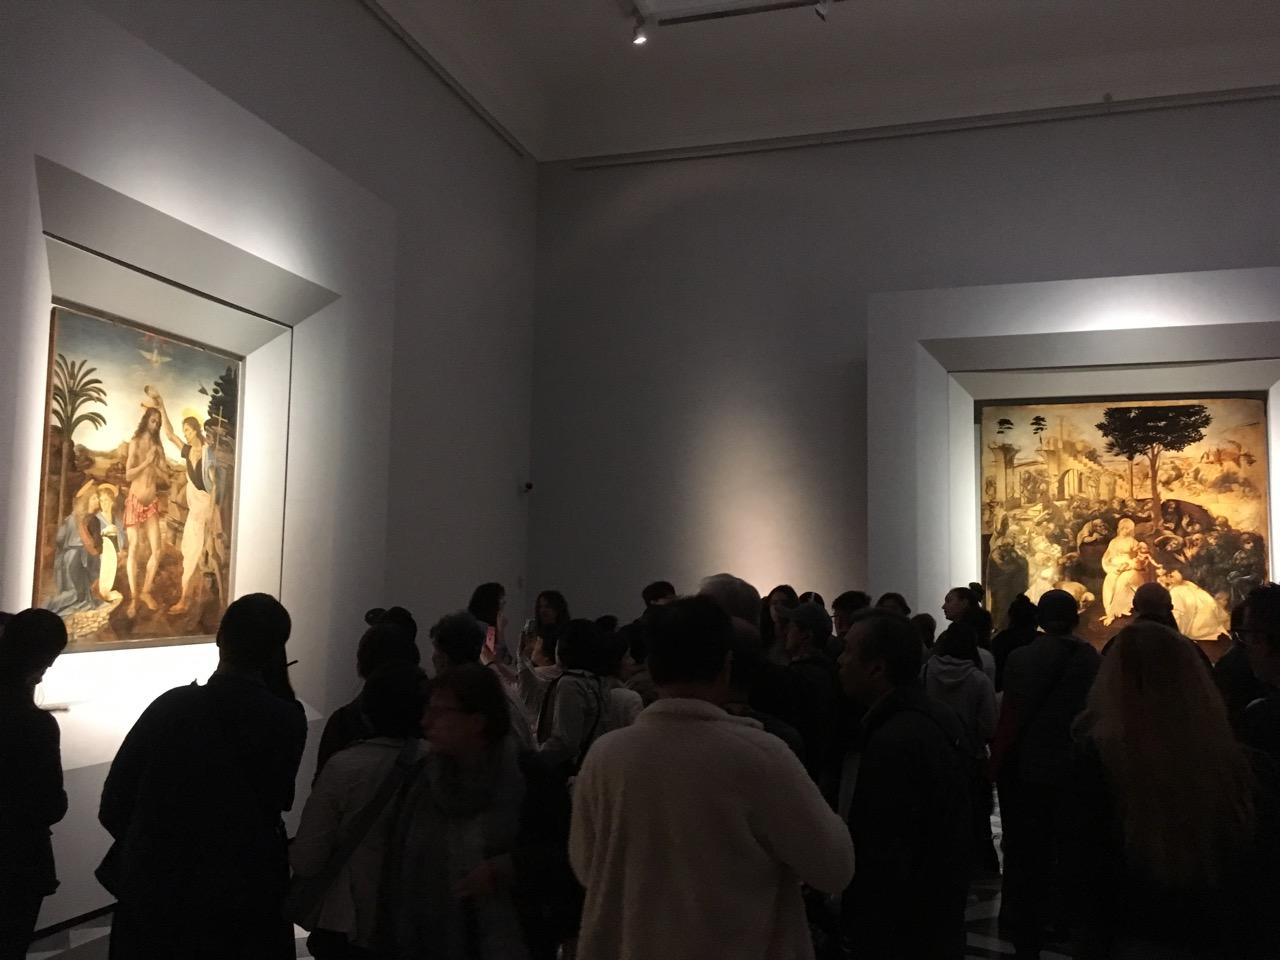 达芬奇画室内只有三幅画,但是人很多